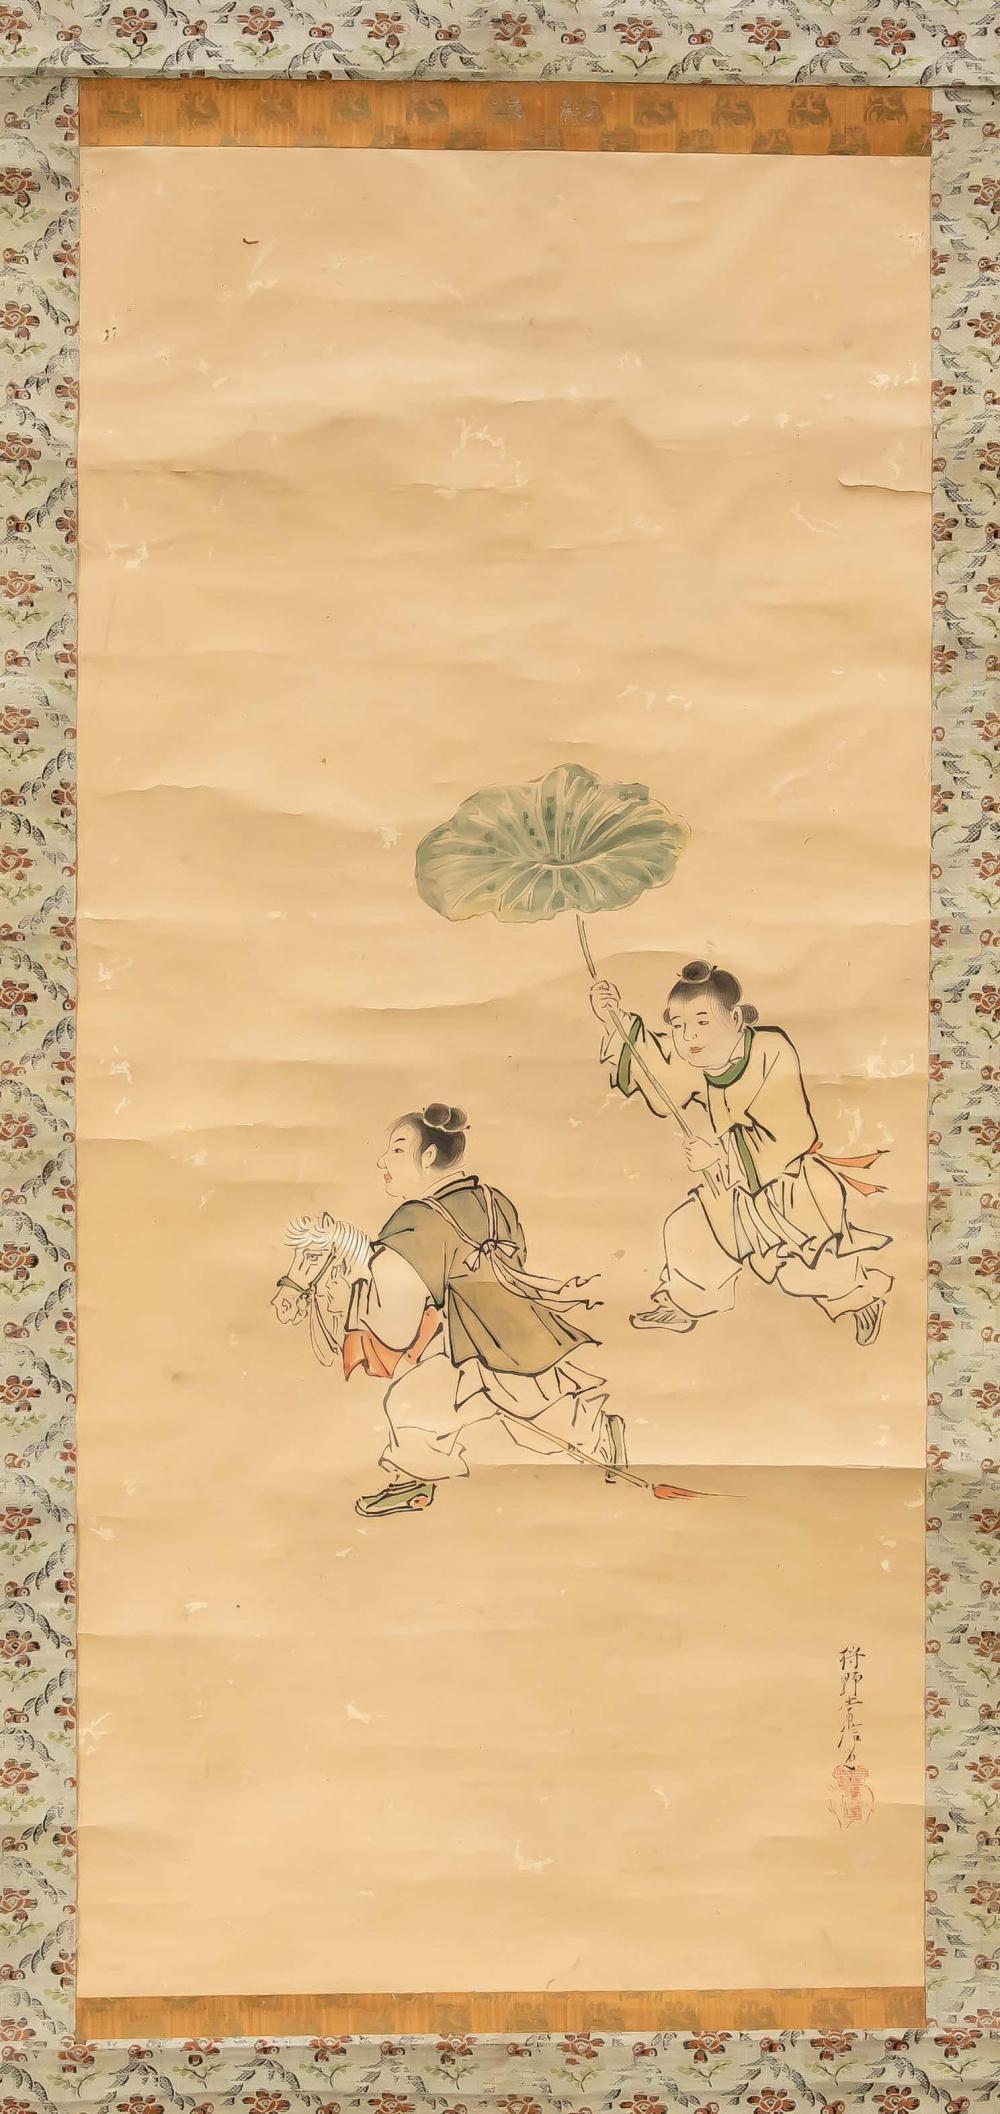 Kano Tsunenobu (1636-1713): Pl